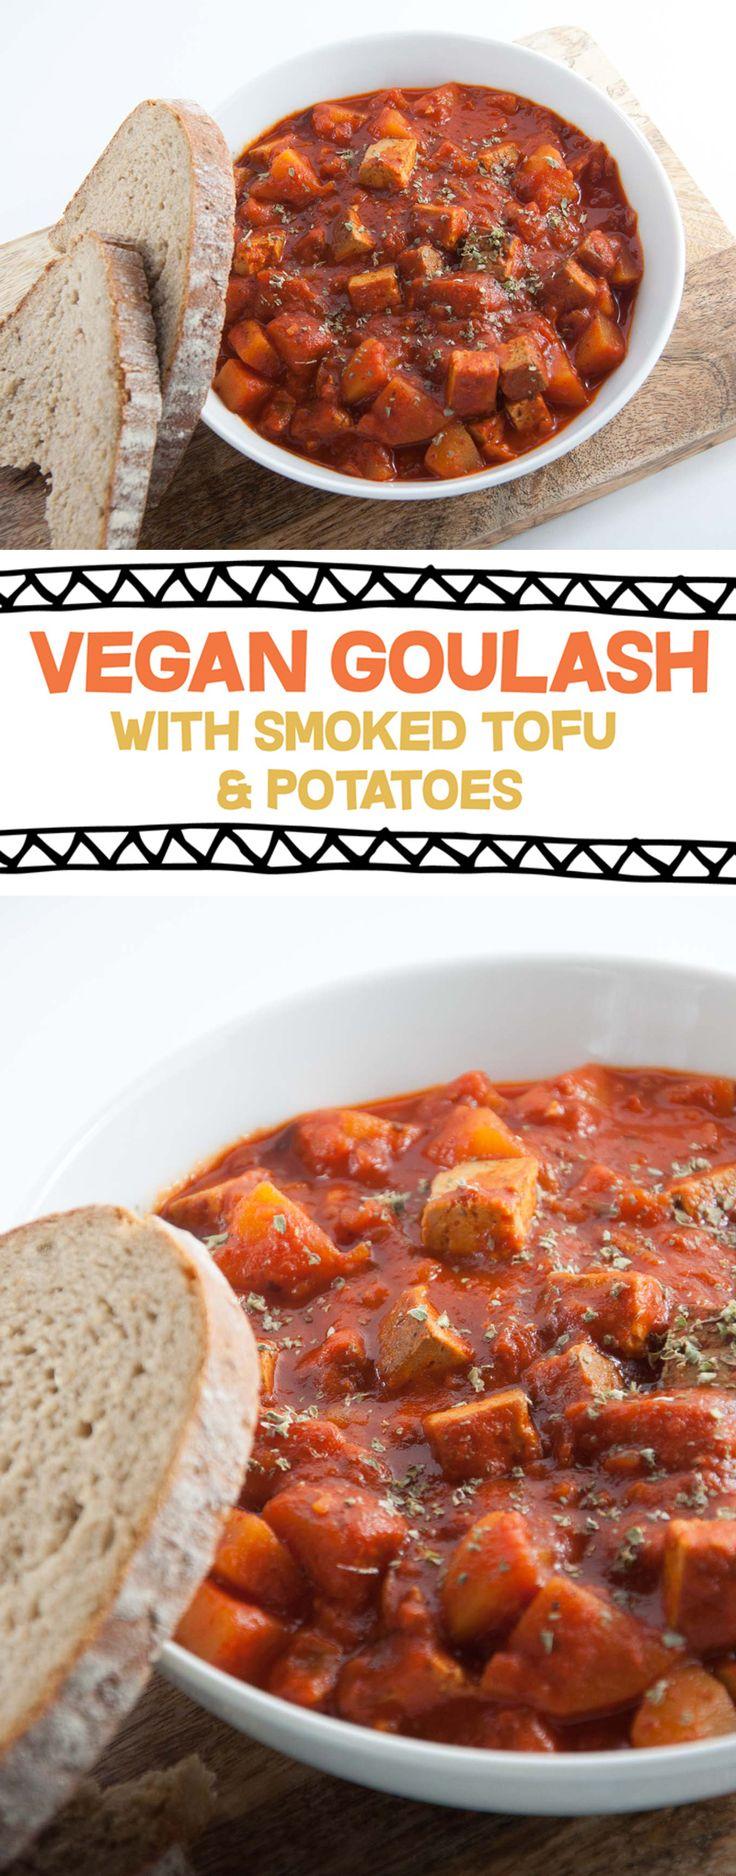 Vegan Goulash with Smoked Tofu and Potatoes #vegan #goulash #autumn #fall #stew| ElephantasticVegan.com